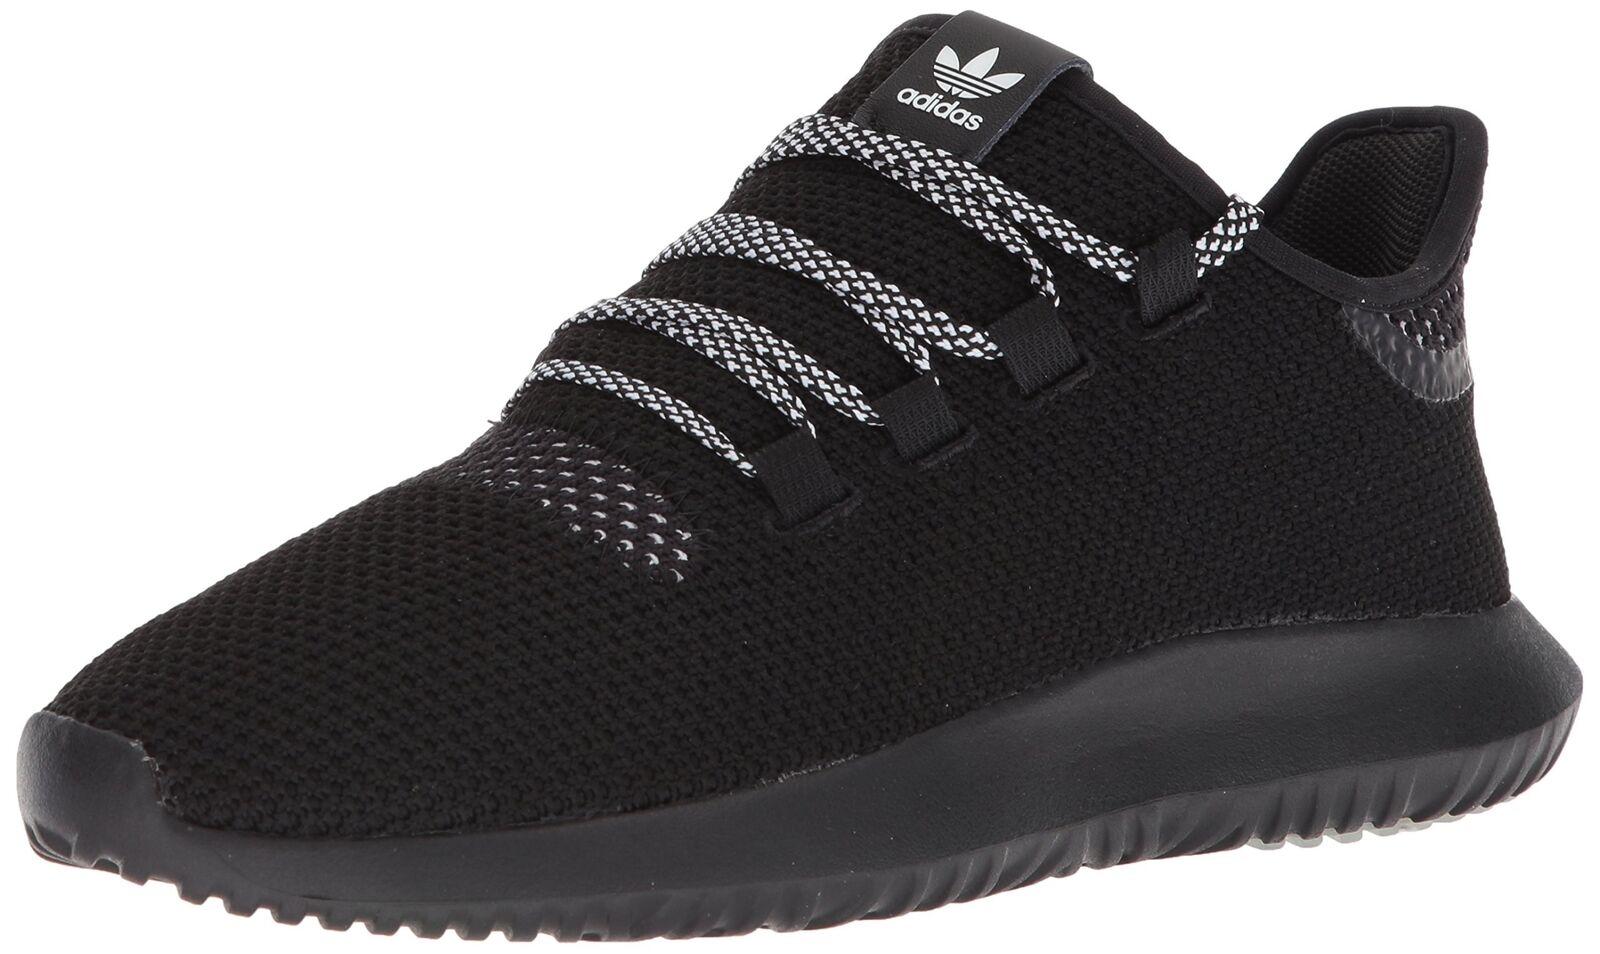 Adidas originali scarpe degli uomini ombra ck moda scarpe originali 4 d tubolari (m), nuovi bad4b1